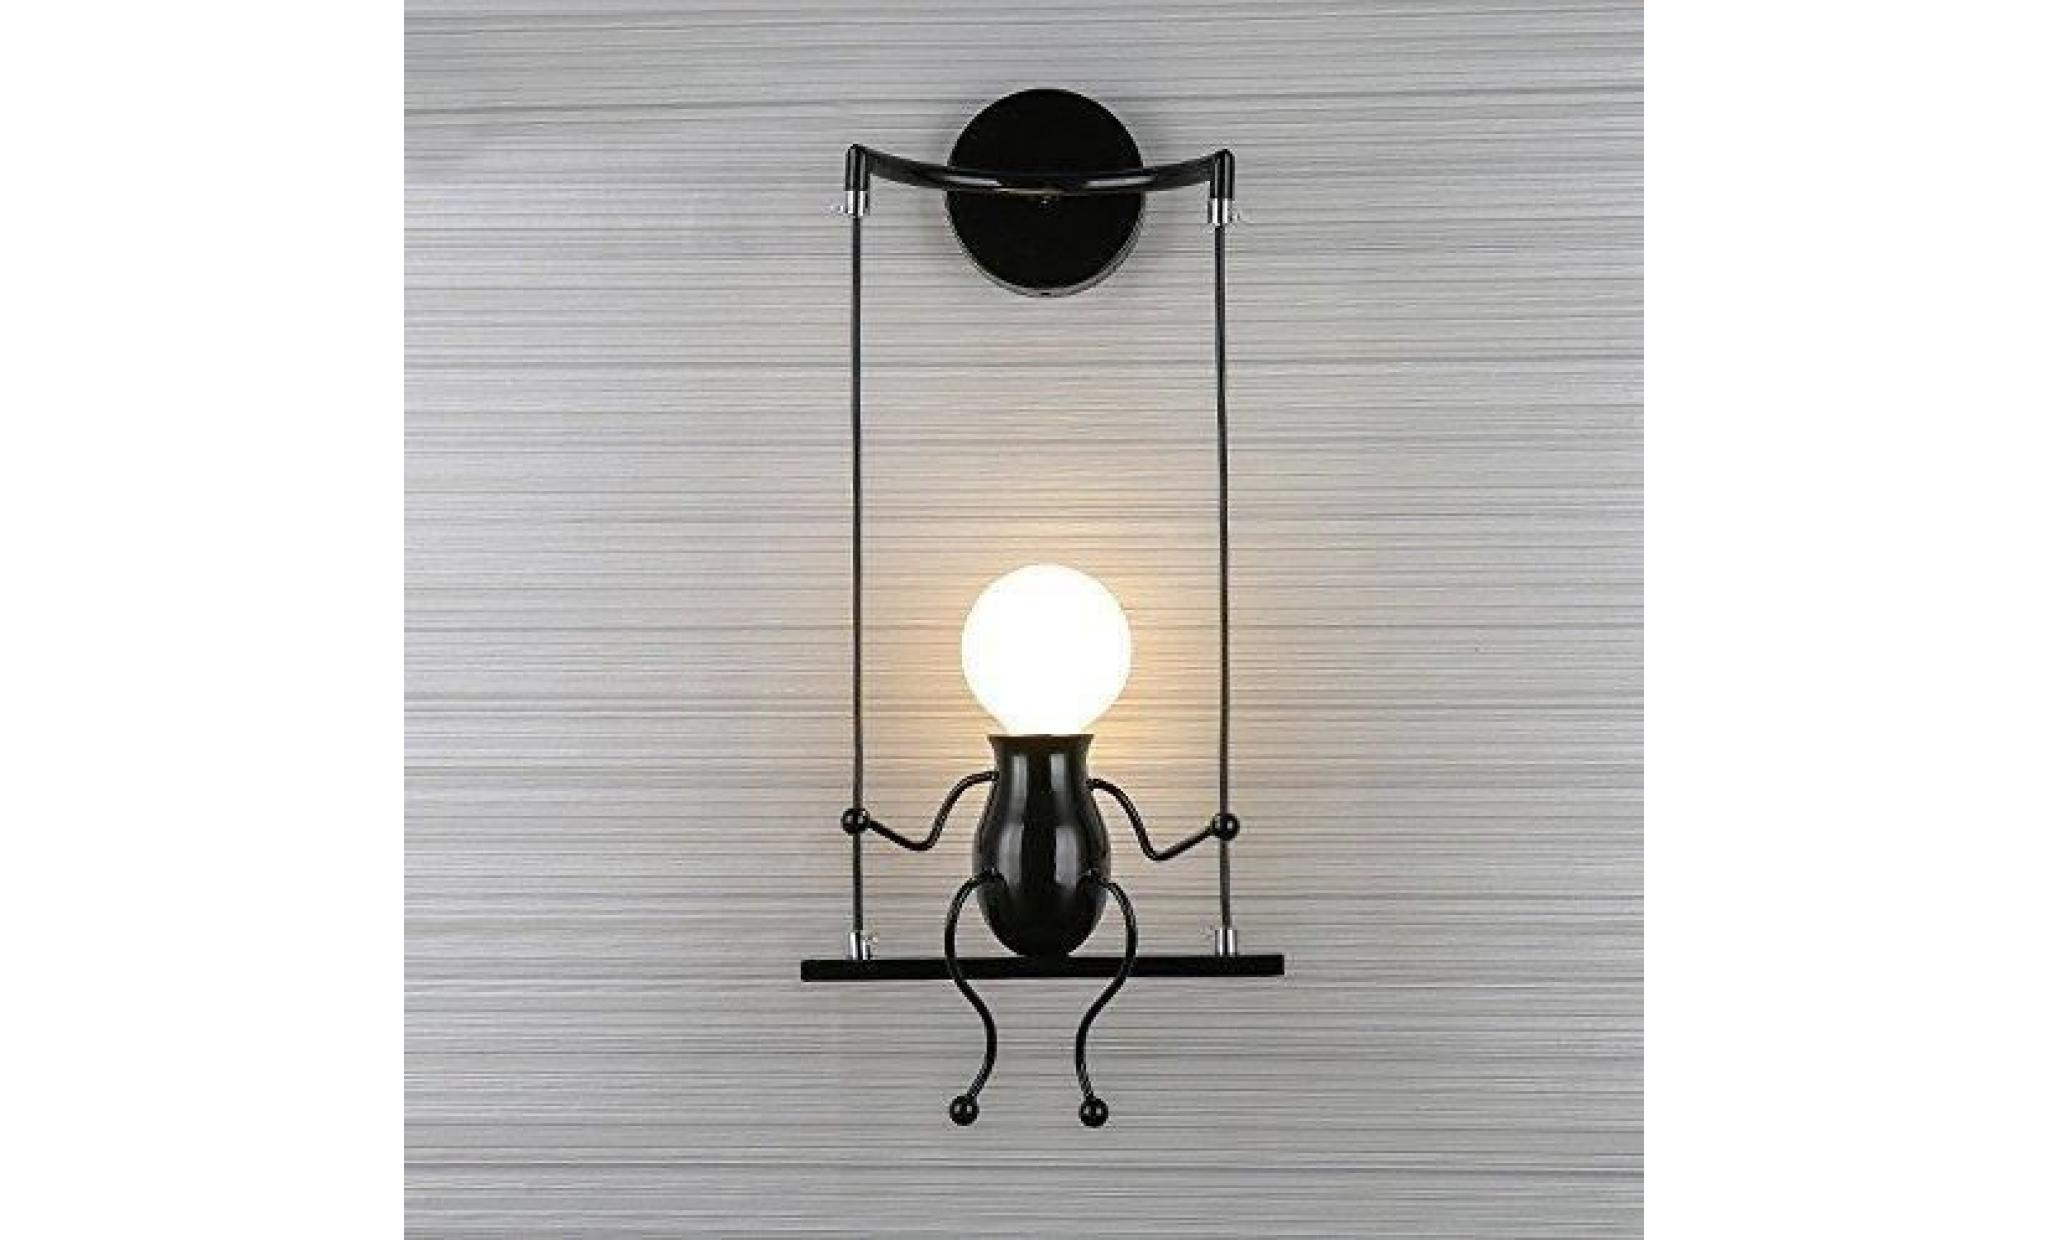 moderne mode applique murale créatif simplicité design appliques pour  chambre d\'enfant eclairage lampe douille e27*1 max. 60w, blanc